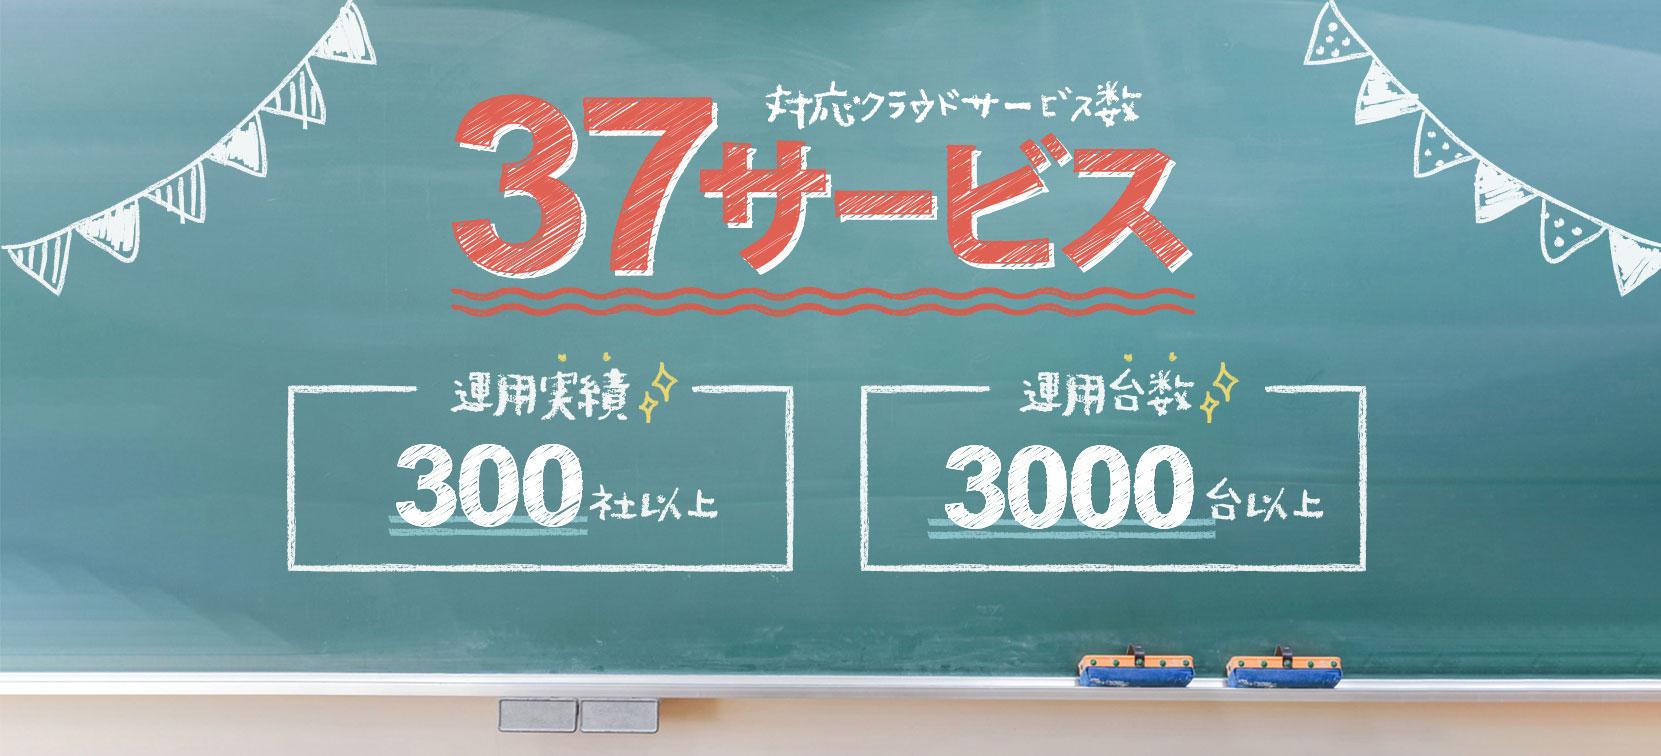 対応クラウドサービス数 27サービス。運用実績200社以上 運用台数2000台以上。